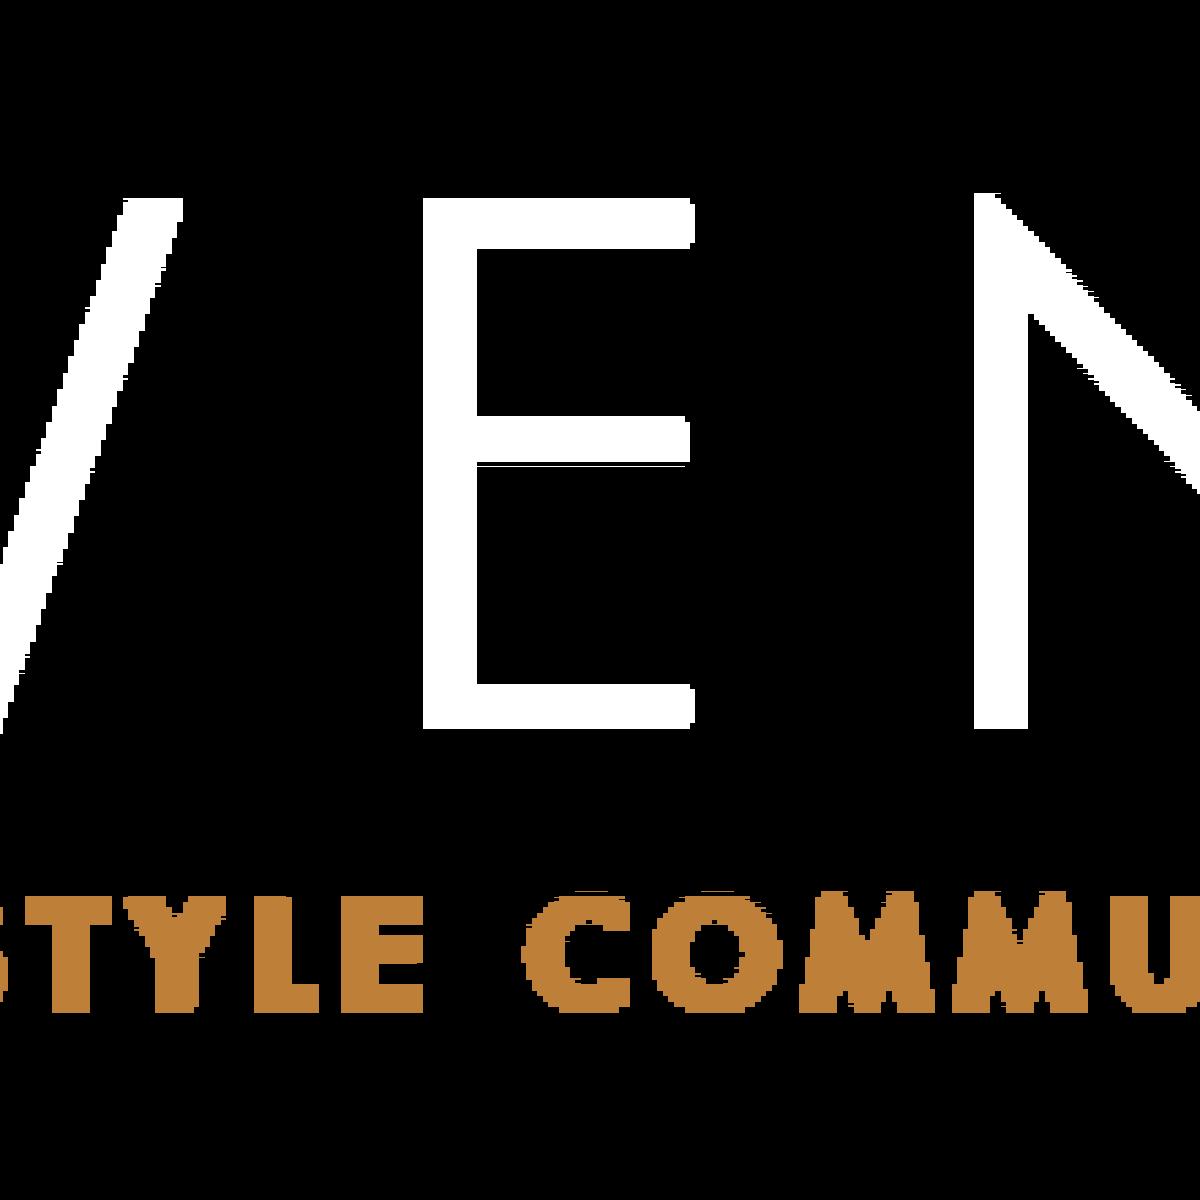 Apartmentfinder Com Ca: Contact Haven 76 Apts In Escondido